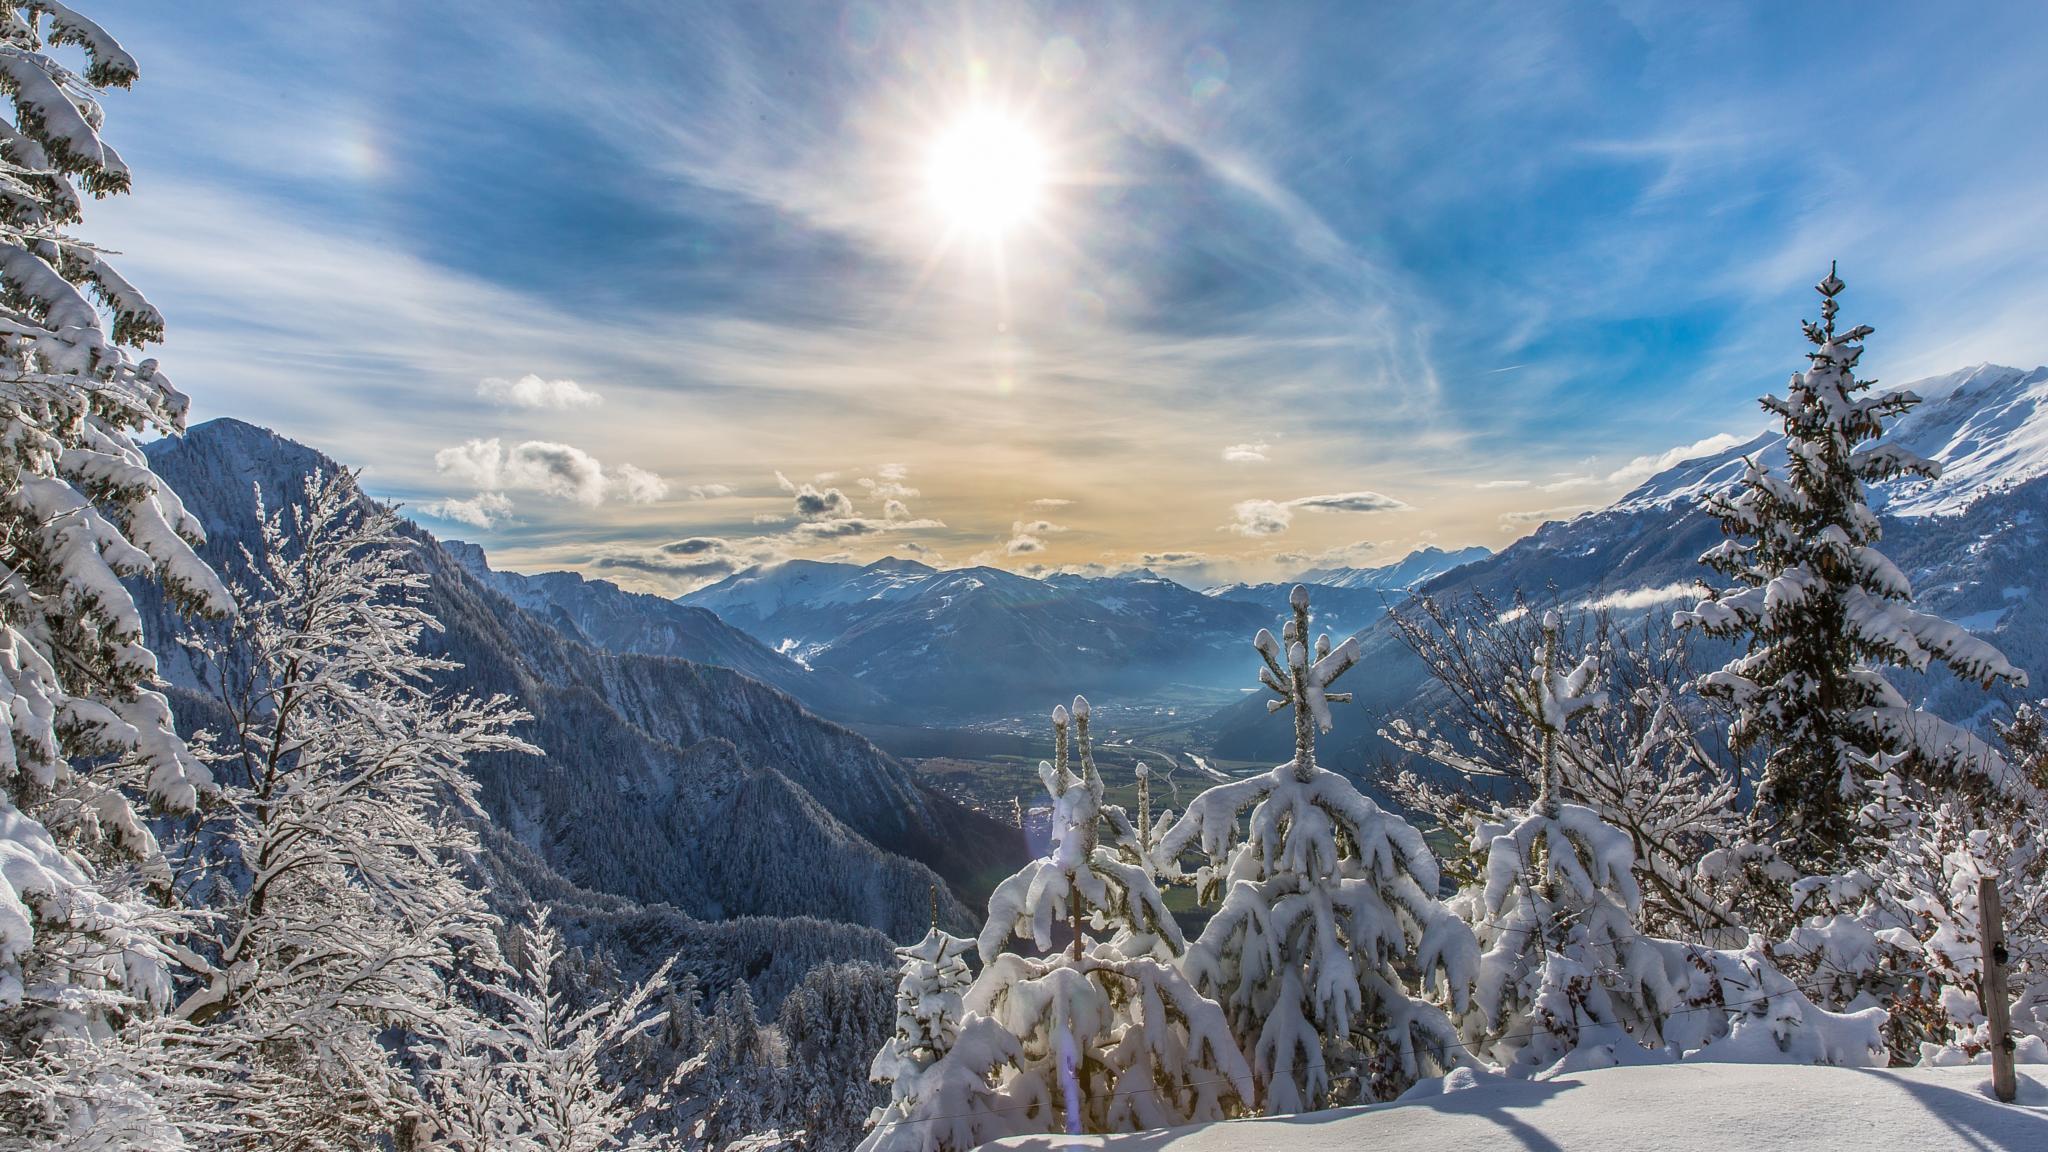 Winterday by Peter Grischott